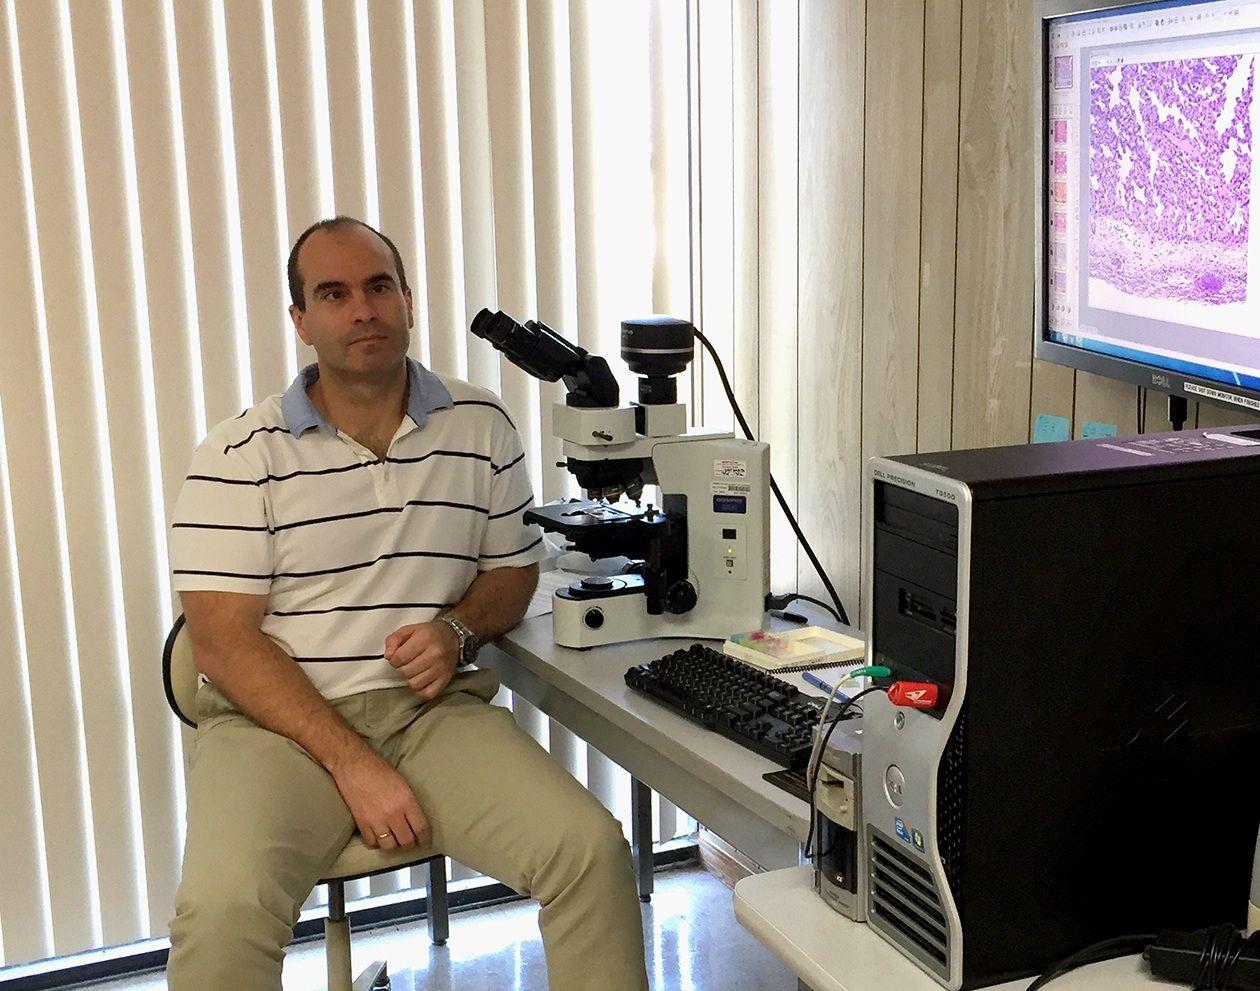 El catedrático Juan Manuel Corpa dirige el Instituto de Ciencias Biomédicas de la CEU-UCH y es presidente de ASESCU.